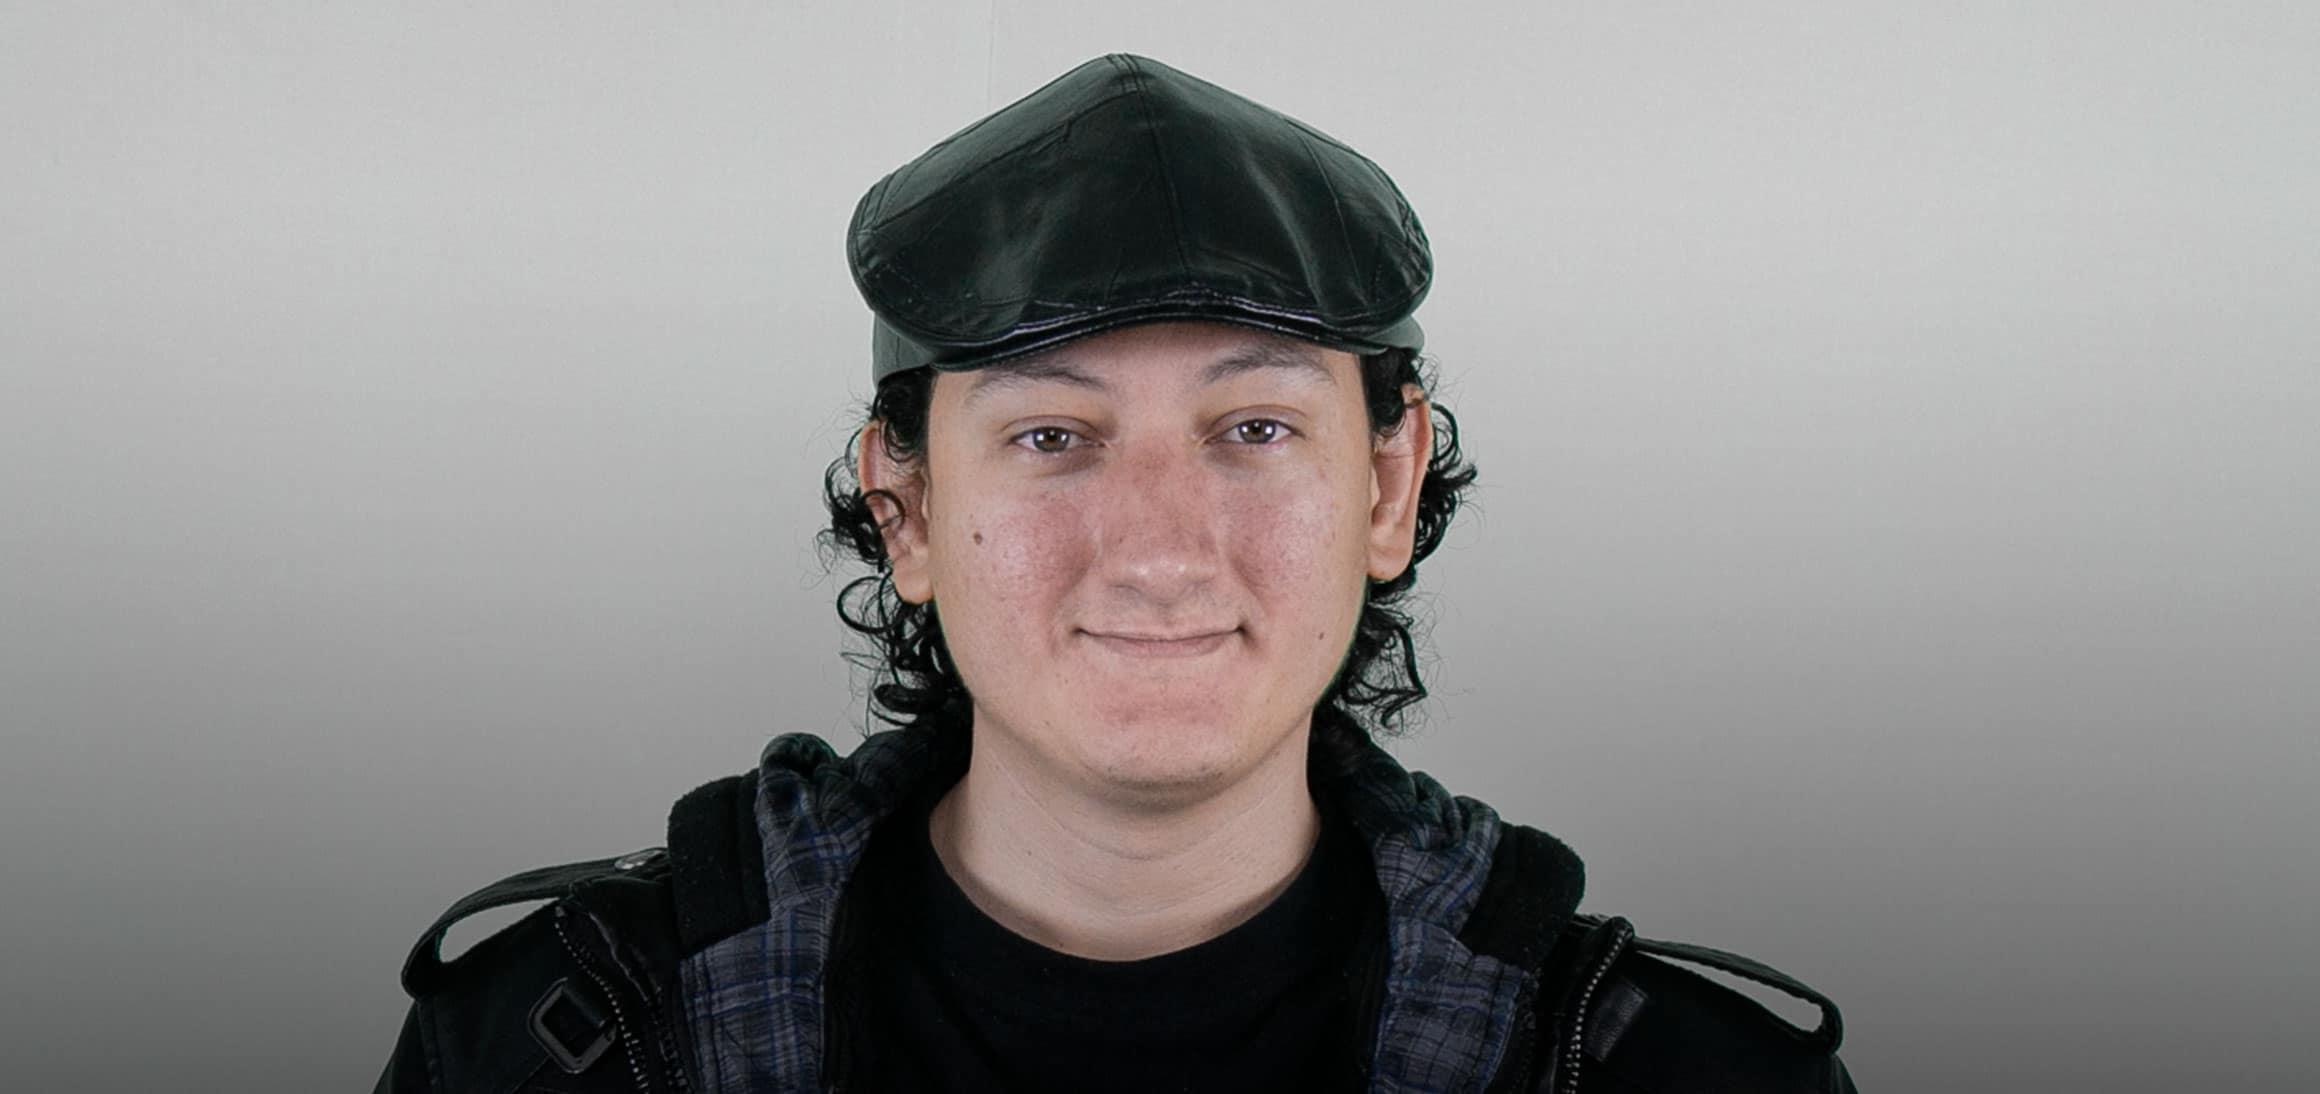 Alejandro Giraldo - Midnight Task Force Artist